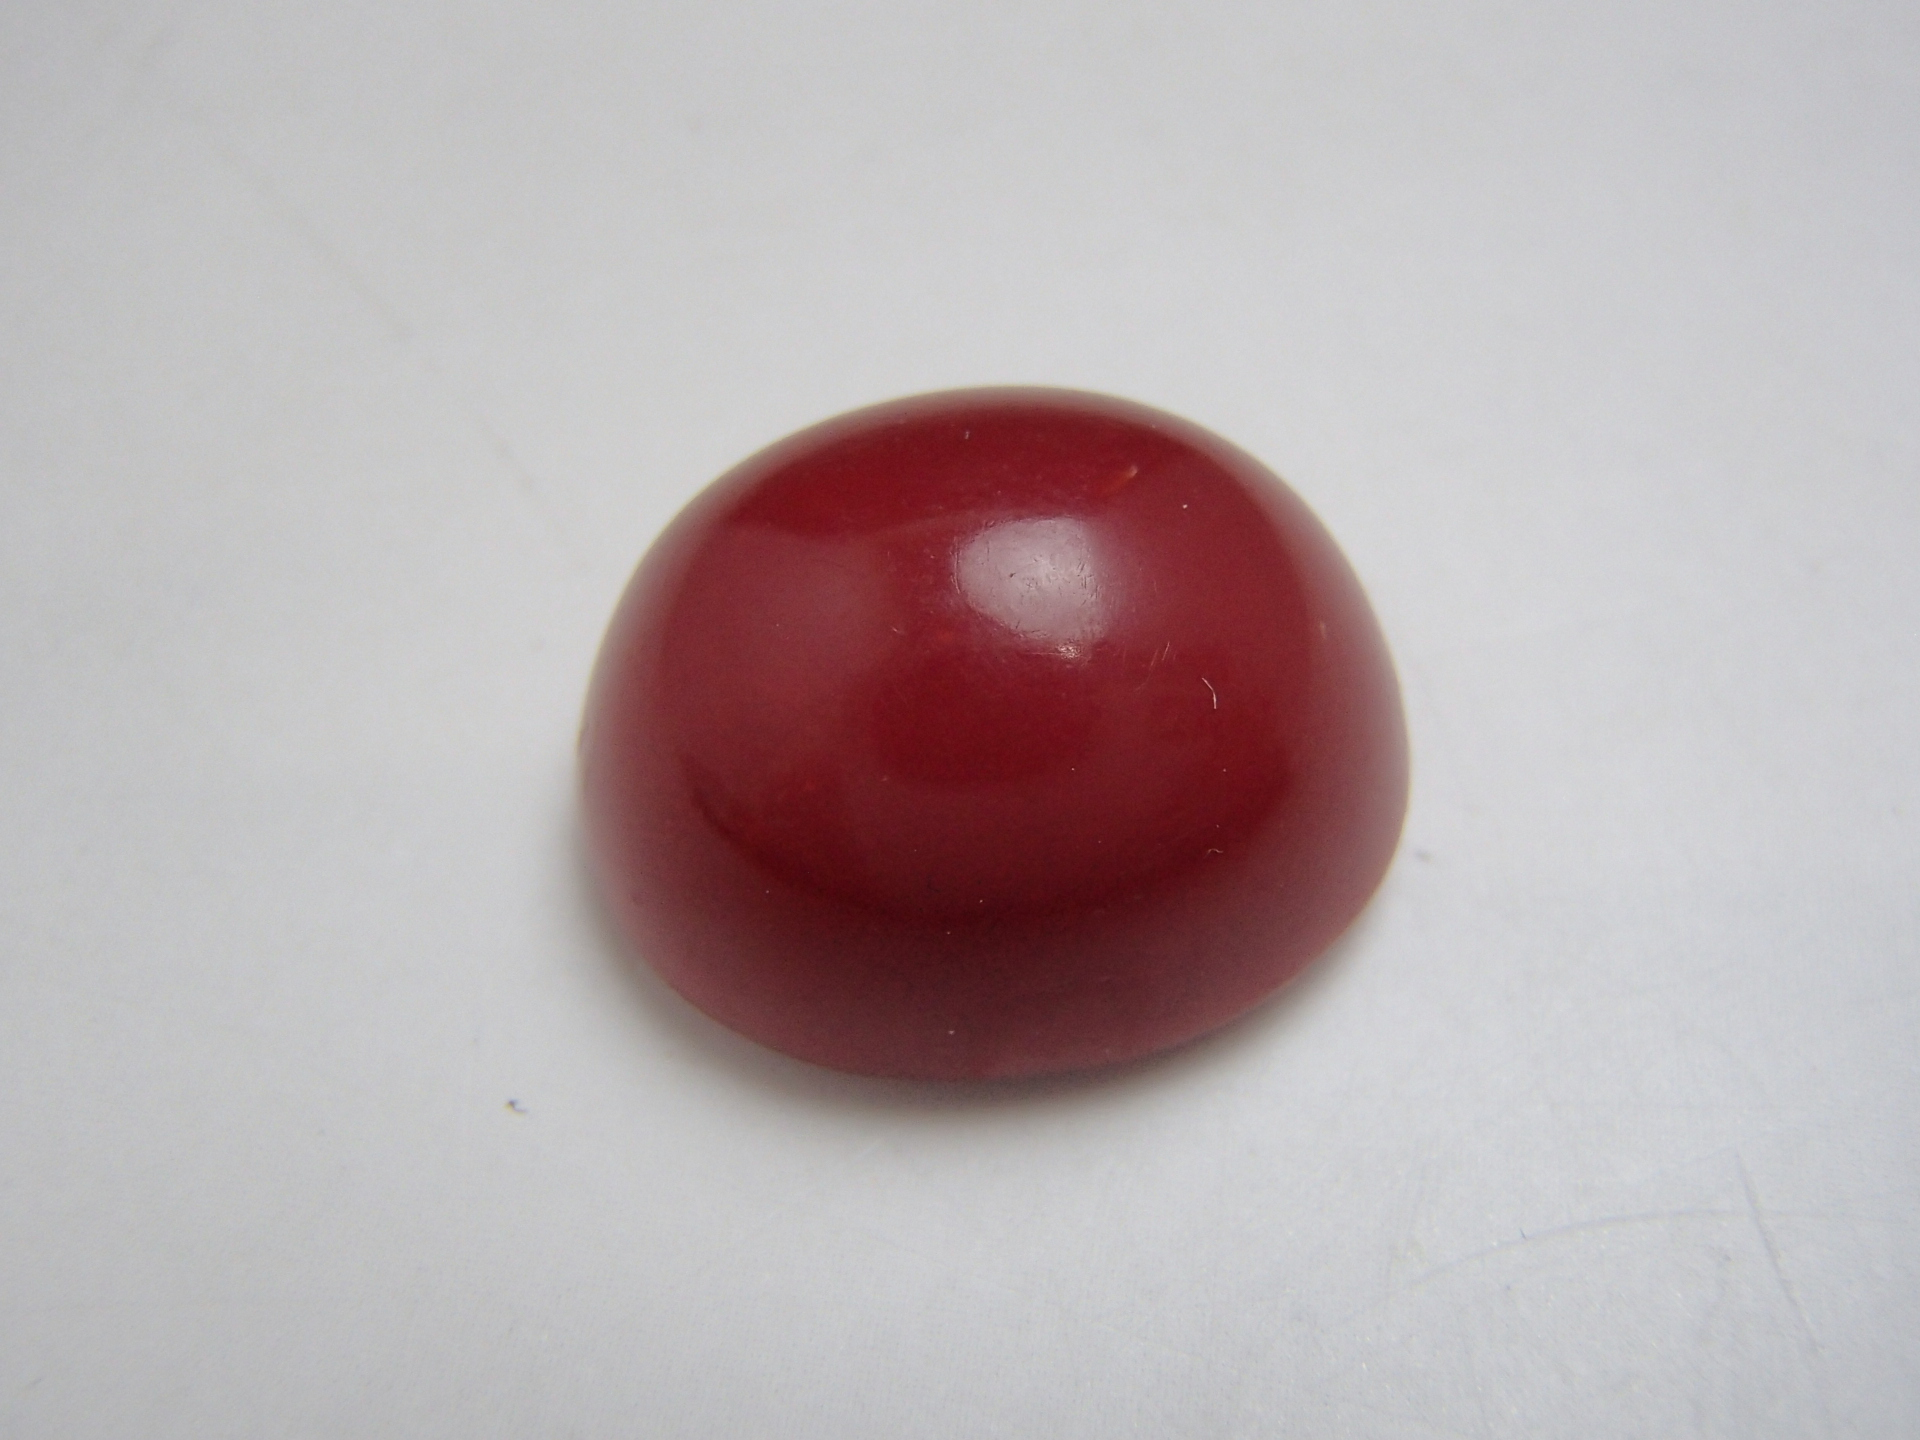 血赤珊瑚であればこんなに小さくても高く買取することができるんです!!